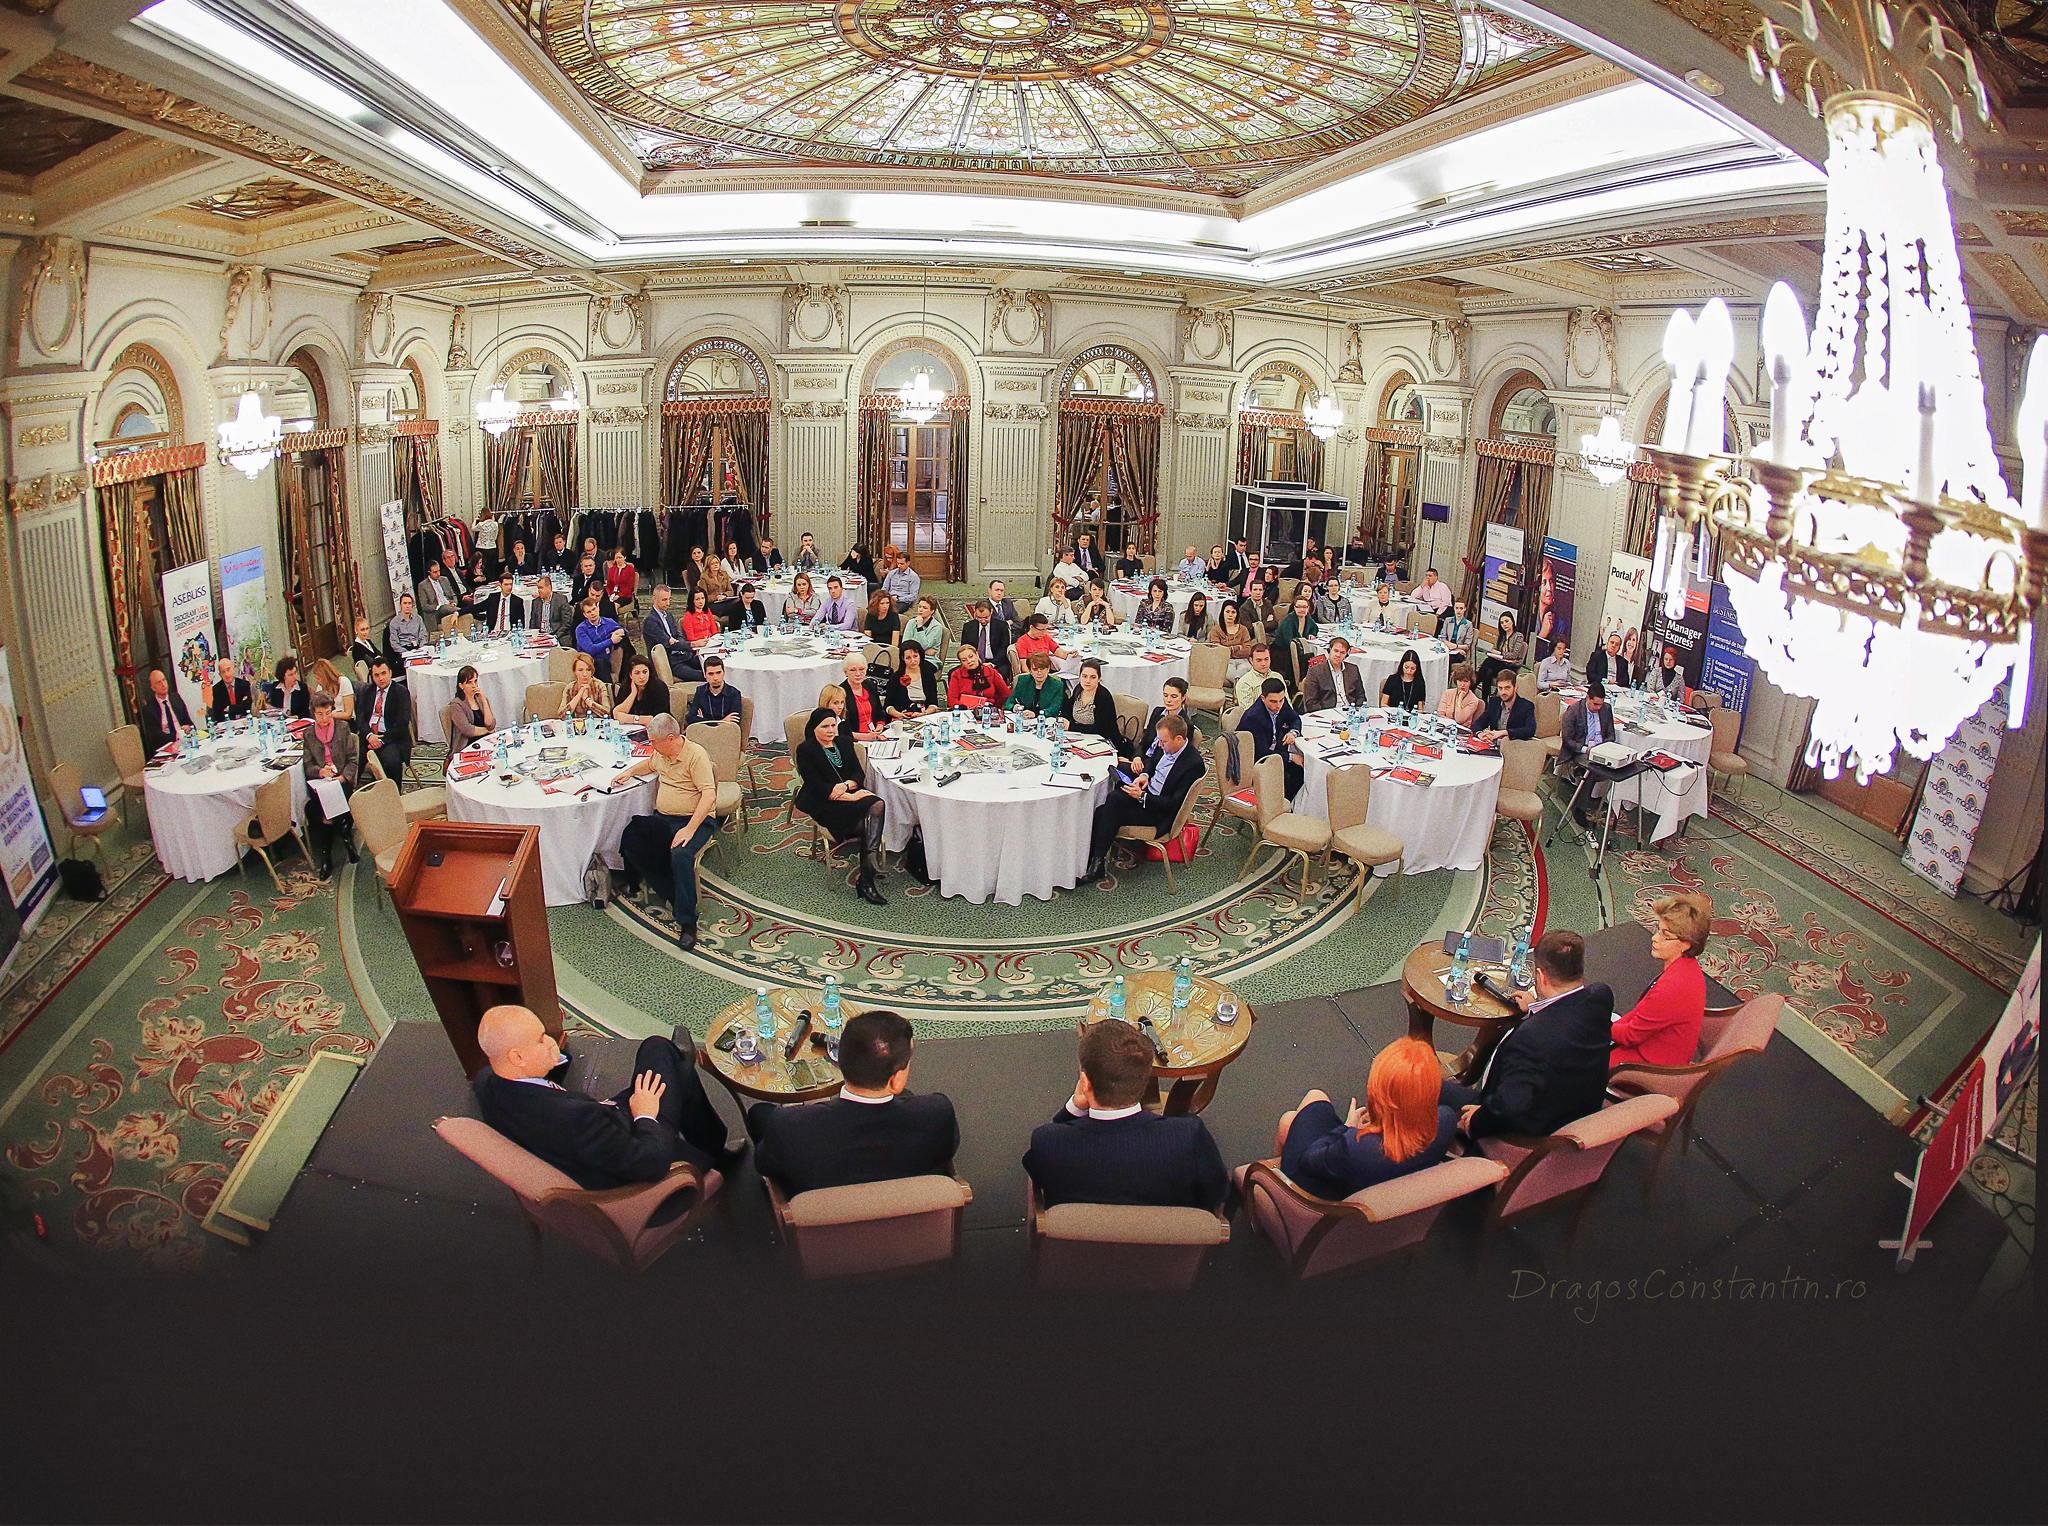 Fotografie Eveniment Corporate - Conferinta Assebuss Hilton